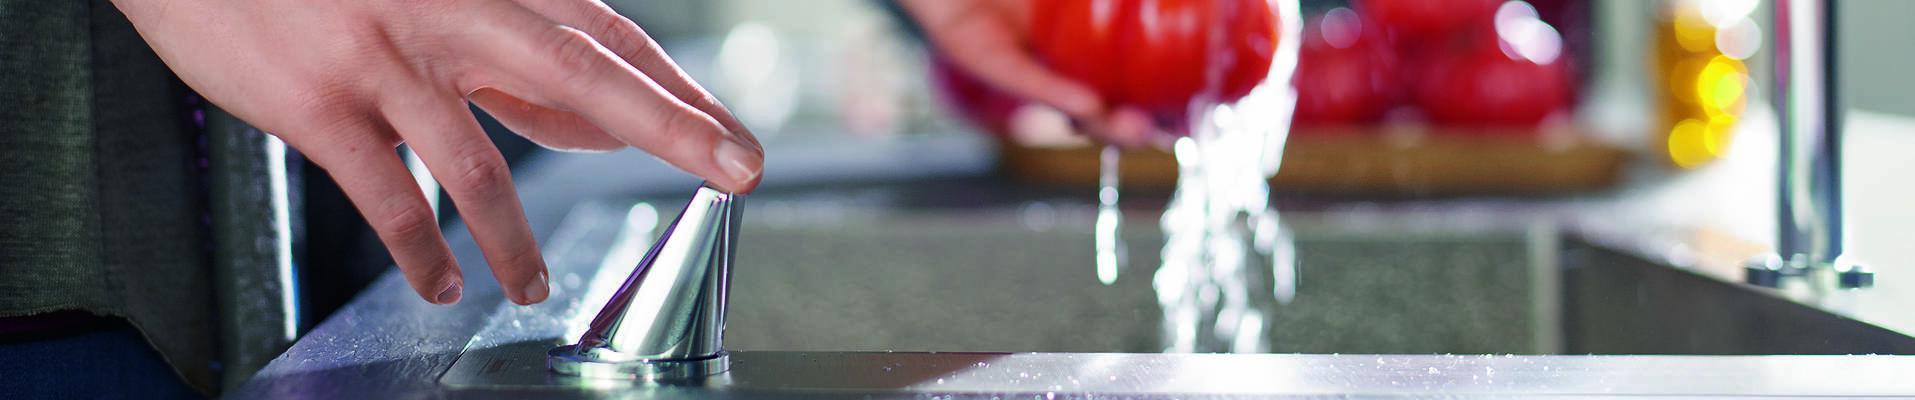 厨房规划和技术指南。